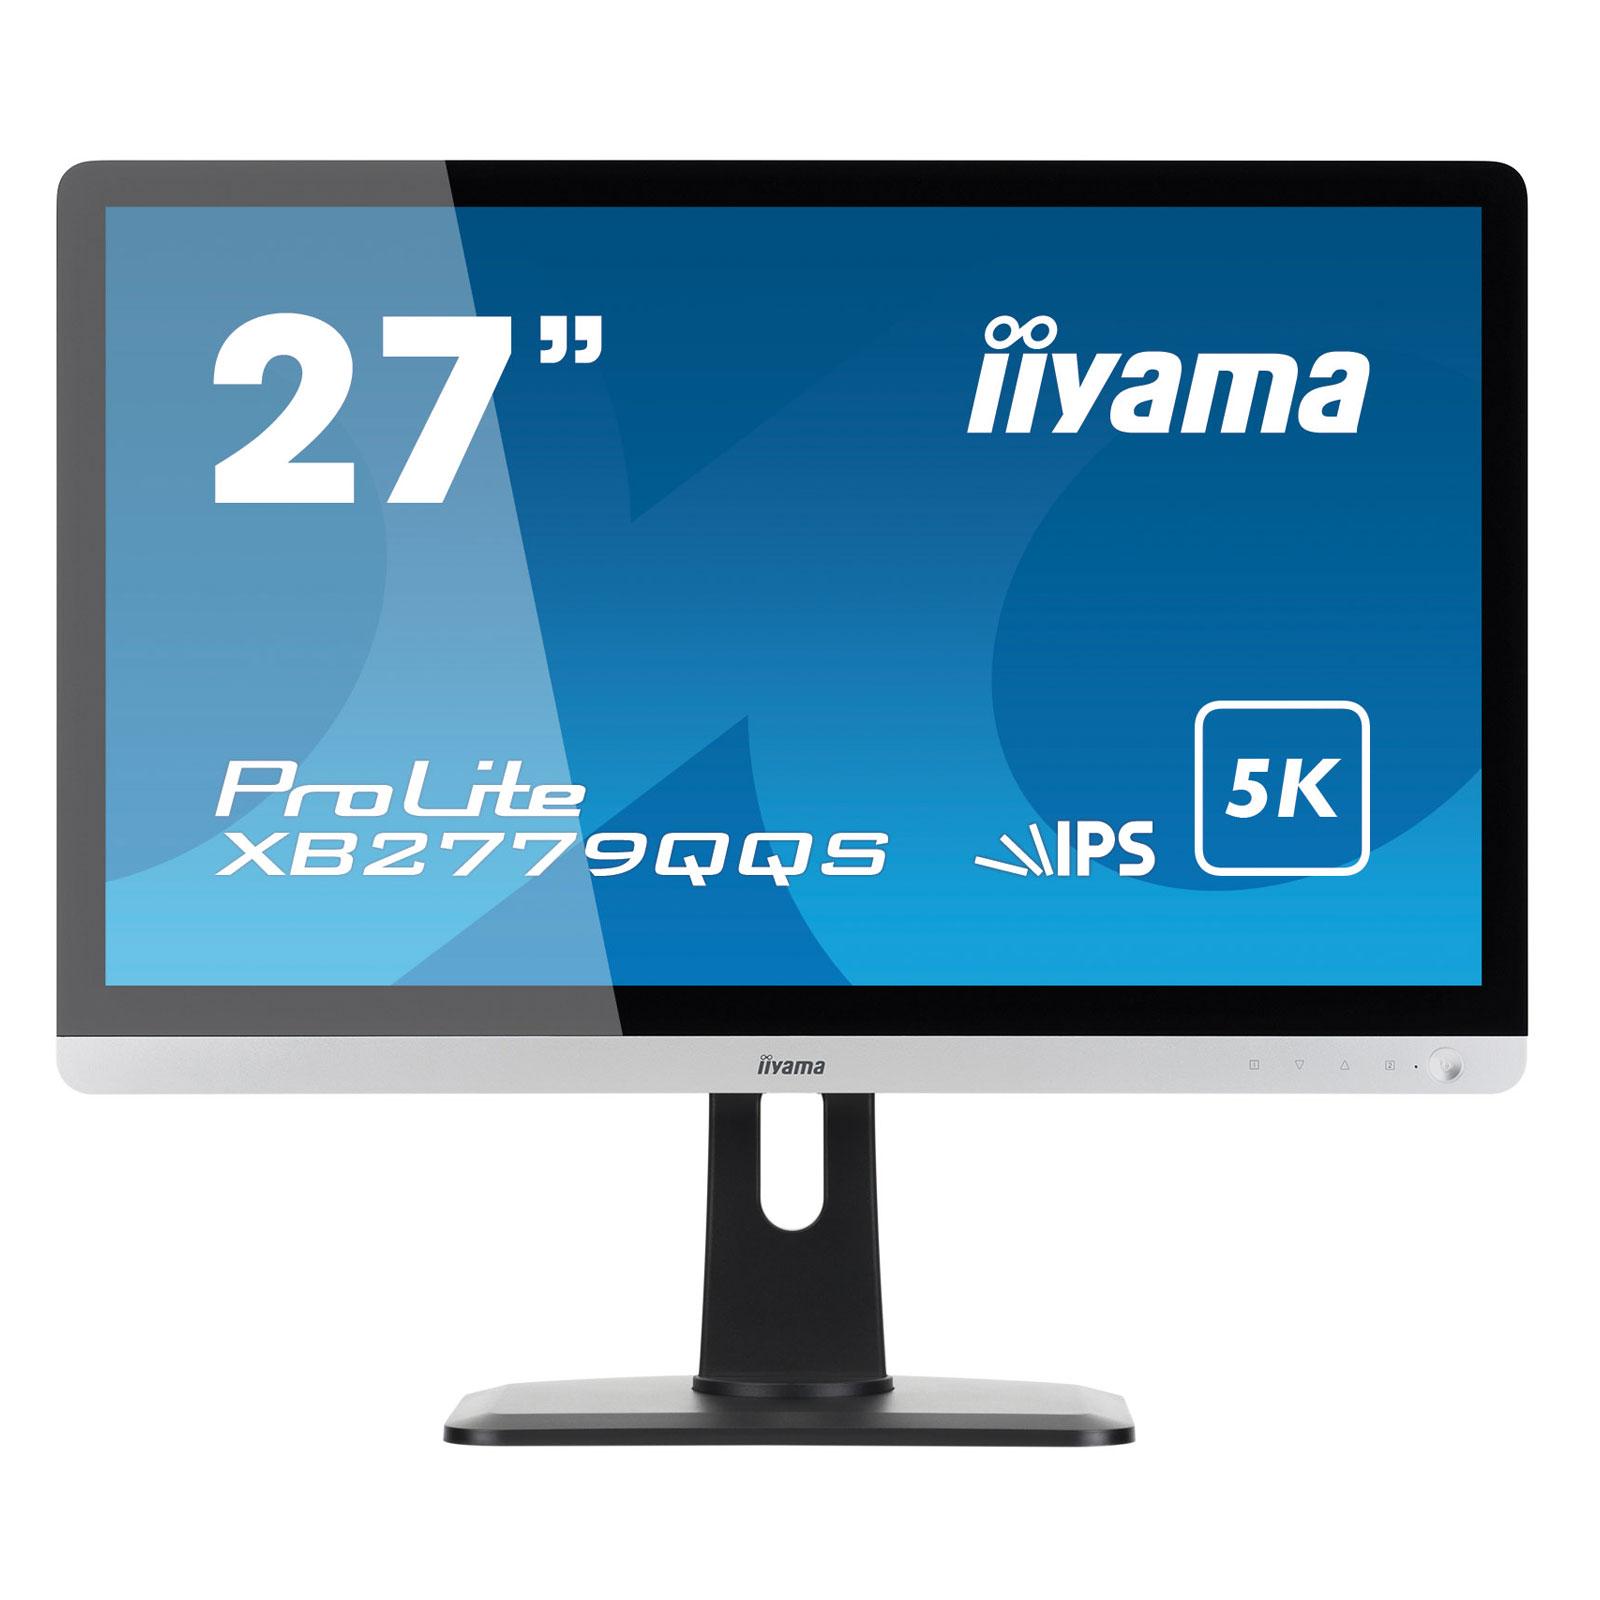 """Iiyama 27""""  XB2779QSS-S1 - Ecran PC Iiyama - Cybertek.fr - 0"""